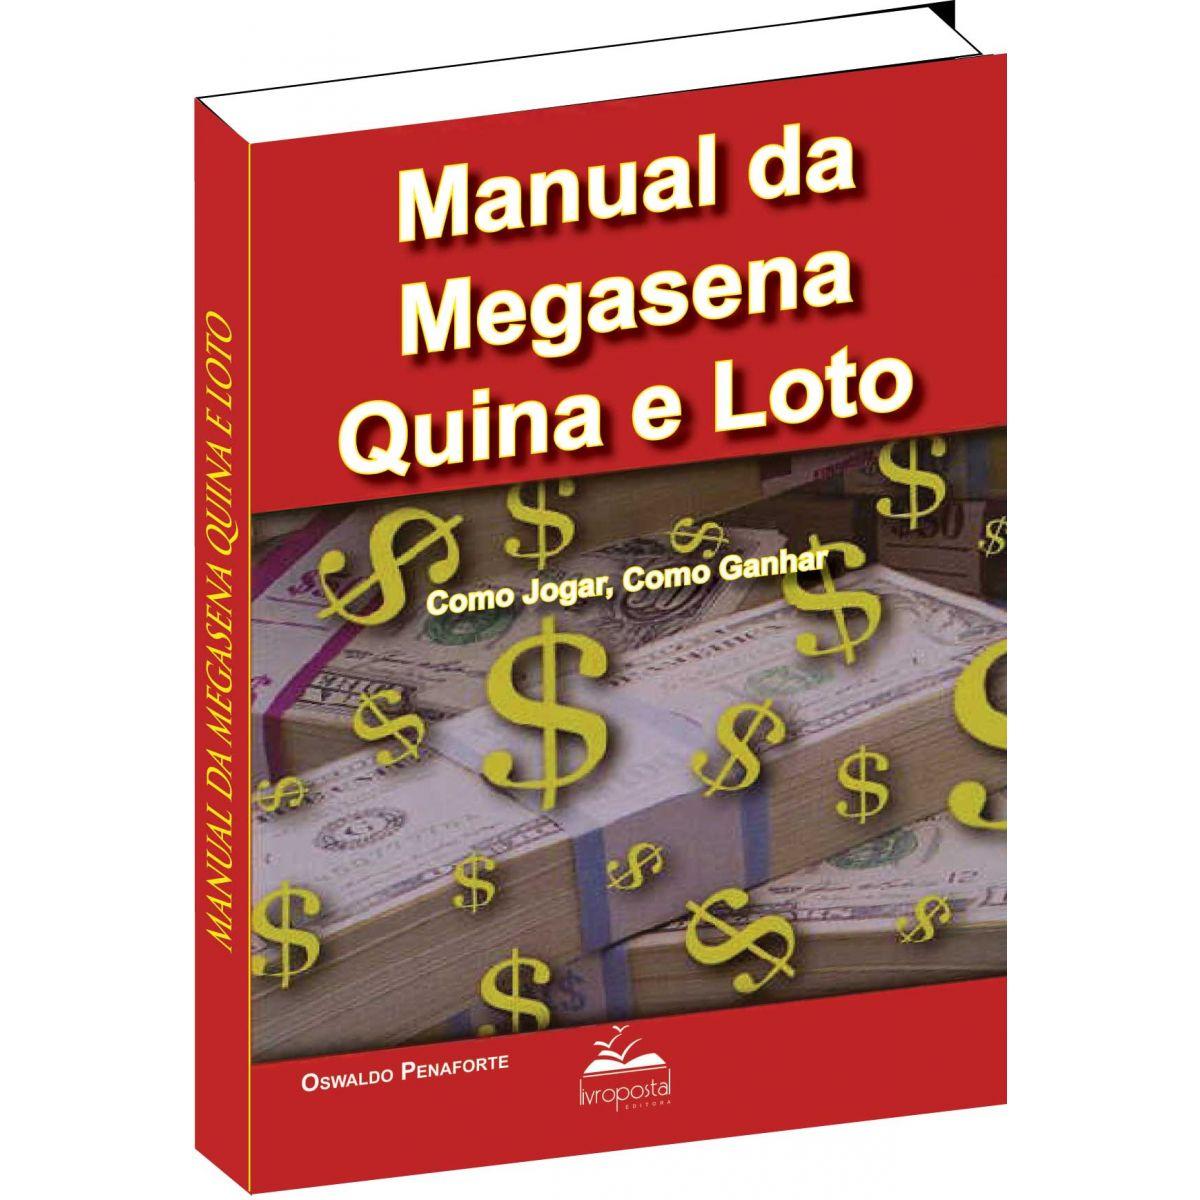 Brinde na compra de 2 livros - Manual da Mega-sena Quina e Loto  - Livropostal Editora